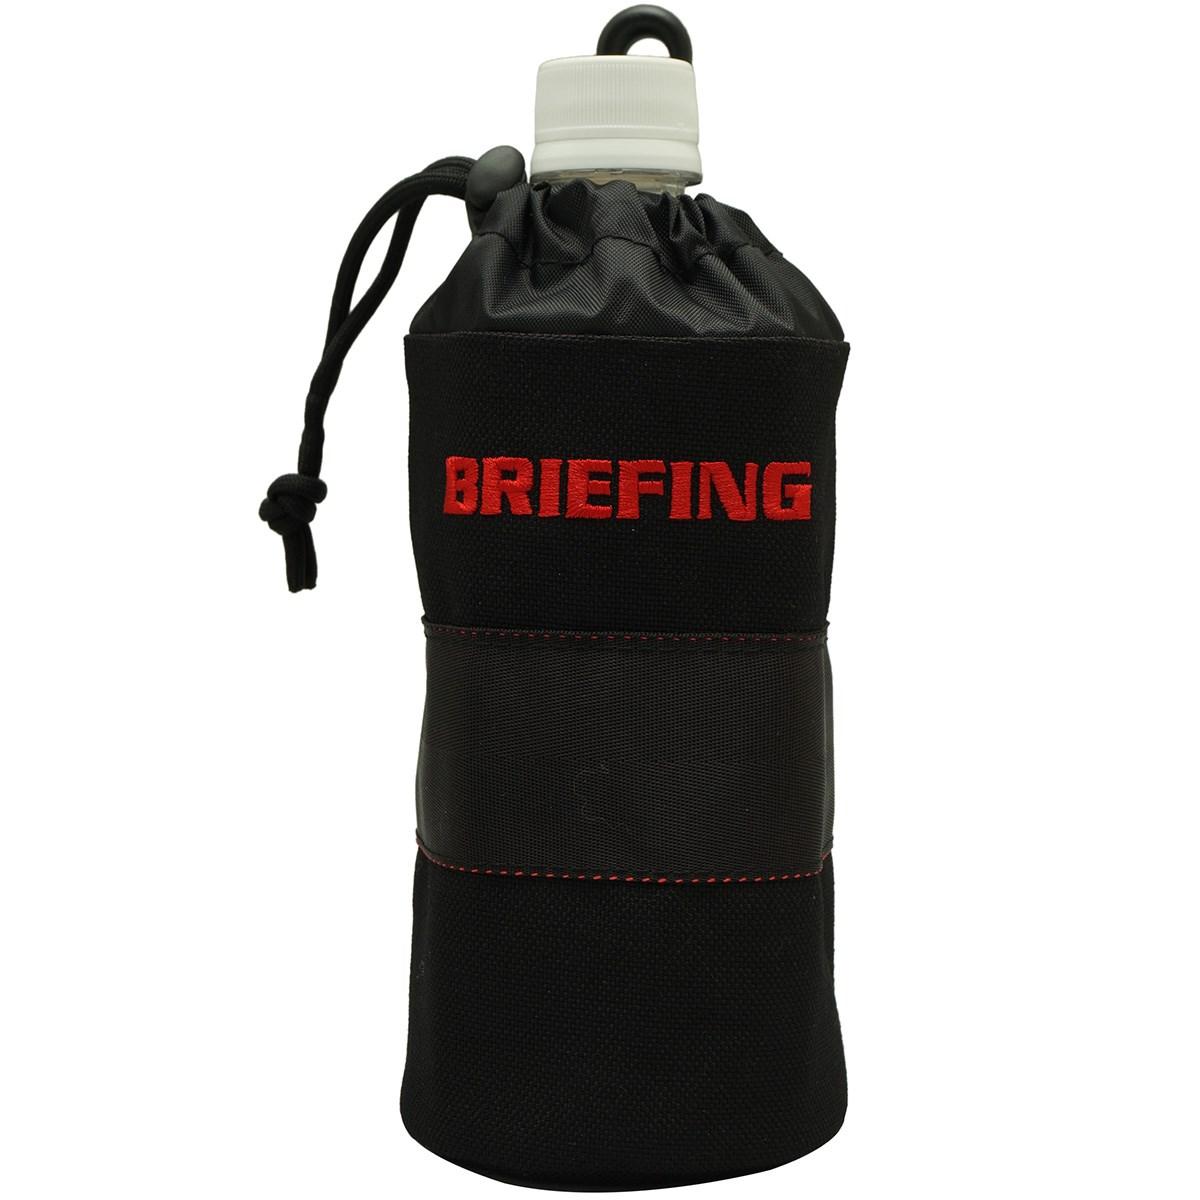 ブリーフィング BRIEFING ボトルホルダー ブラック